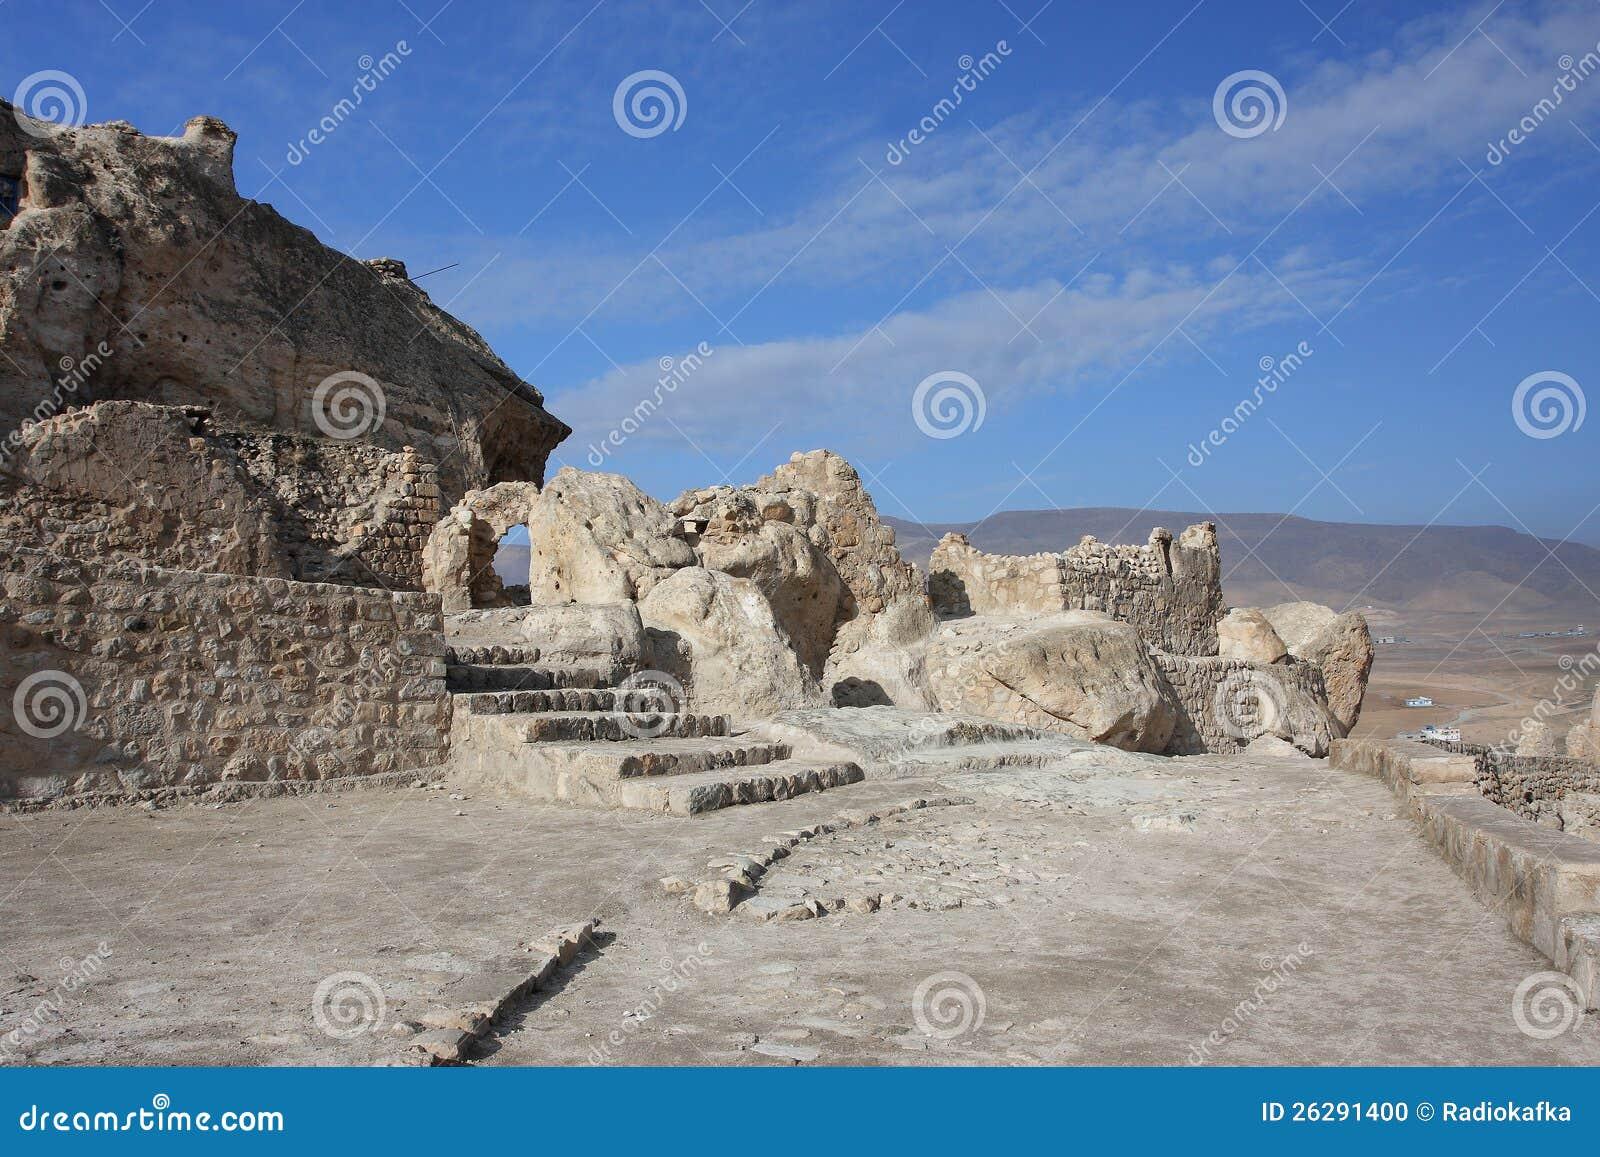 Alte archäologische Fundstätte in der kurdischen Region